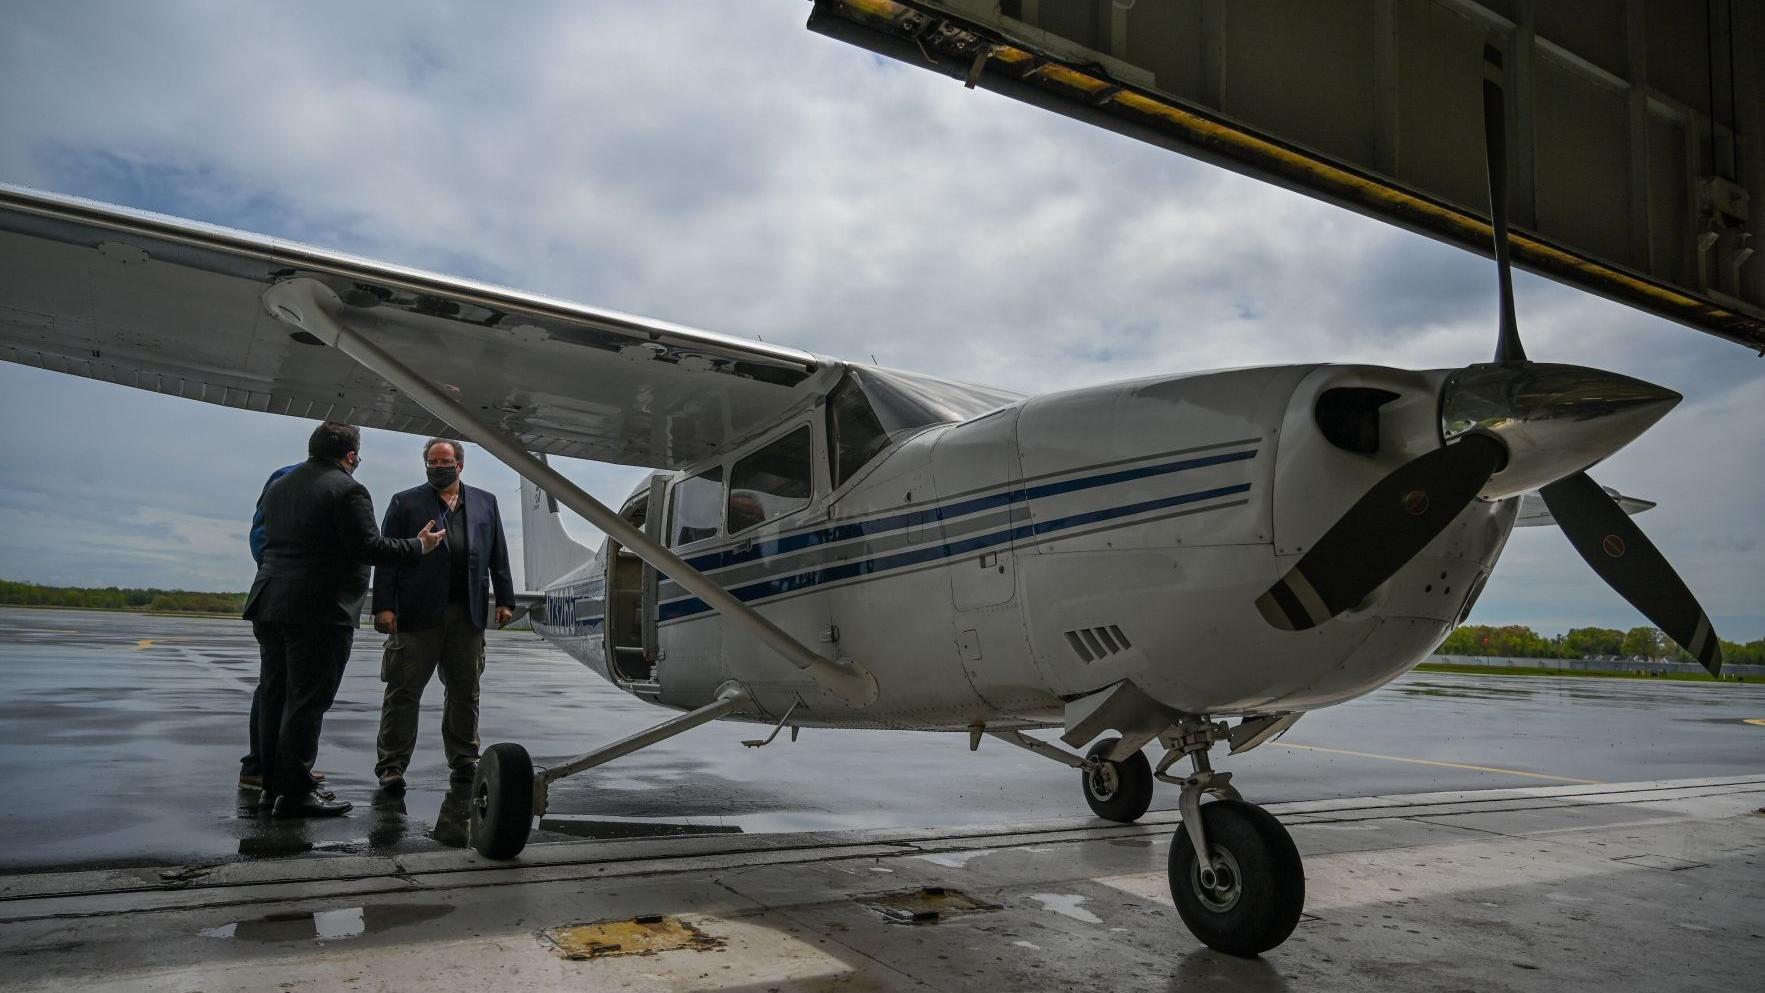 St. Louis aldermen narrowly endorse 18-hour aircraft surveillance